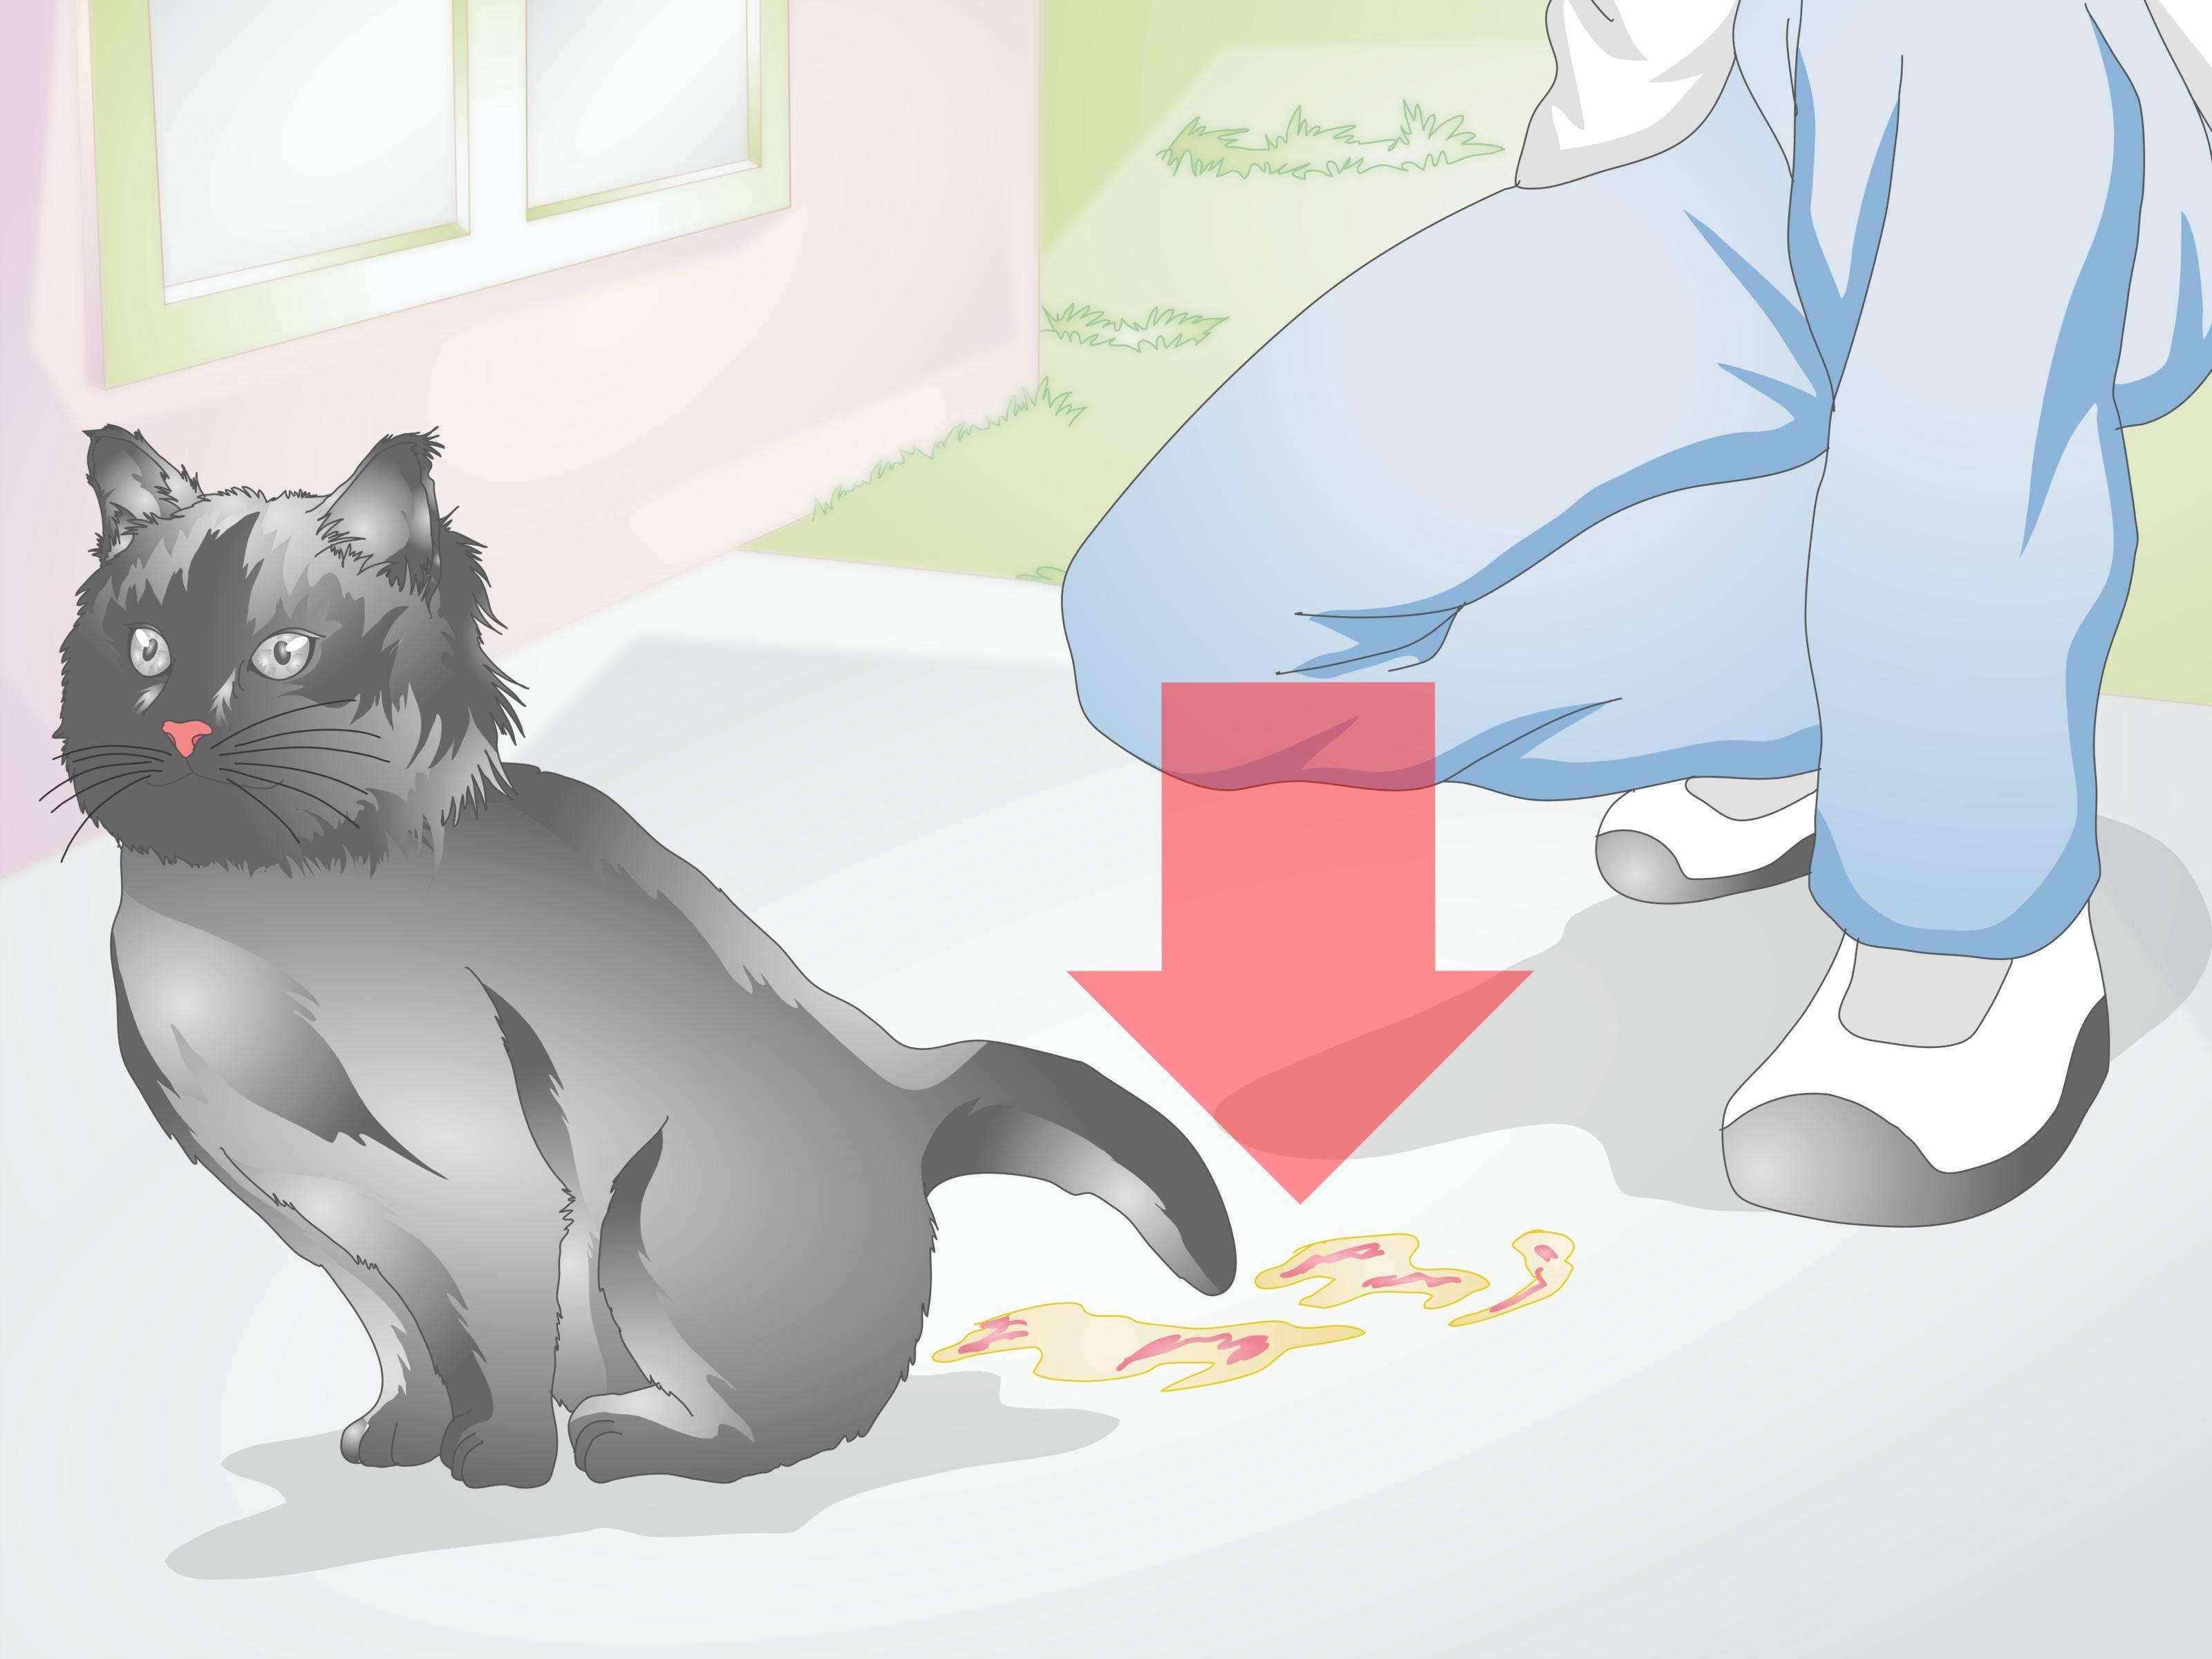 Почему беременным нельзя гладить кошек: плохие приметы и реальные угрозы.